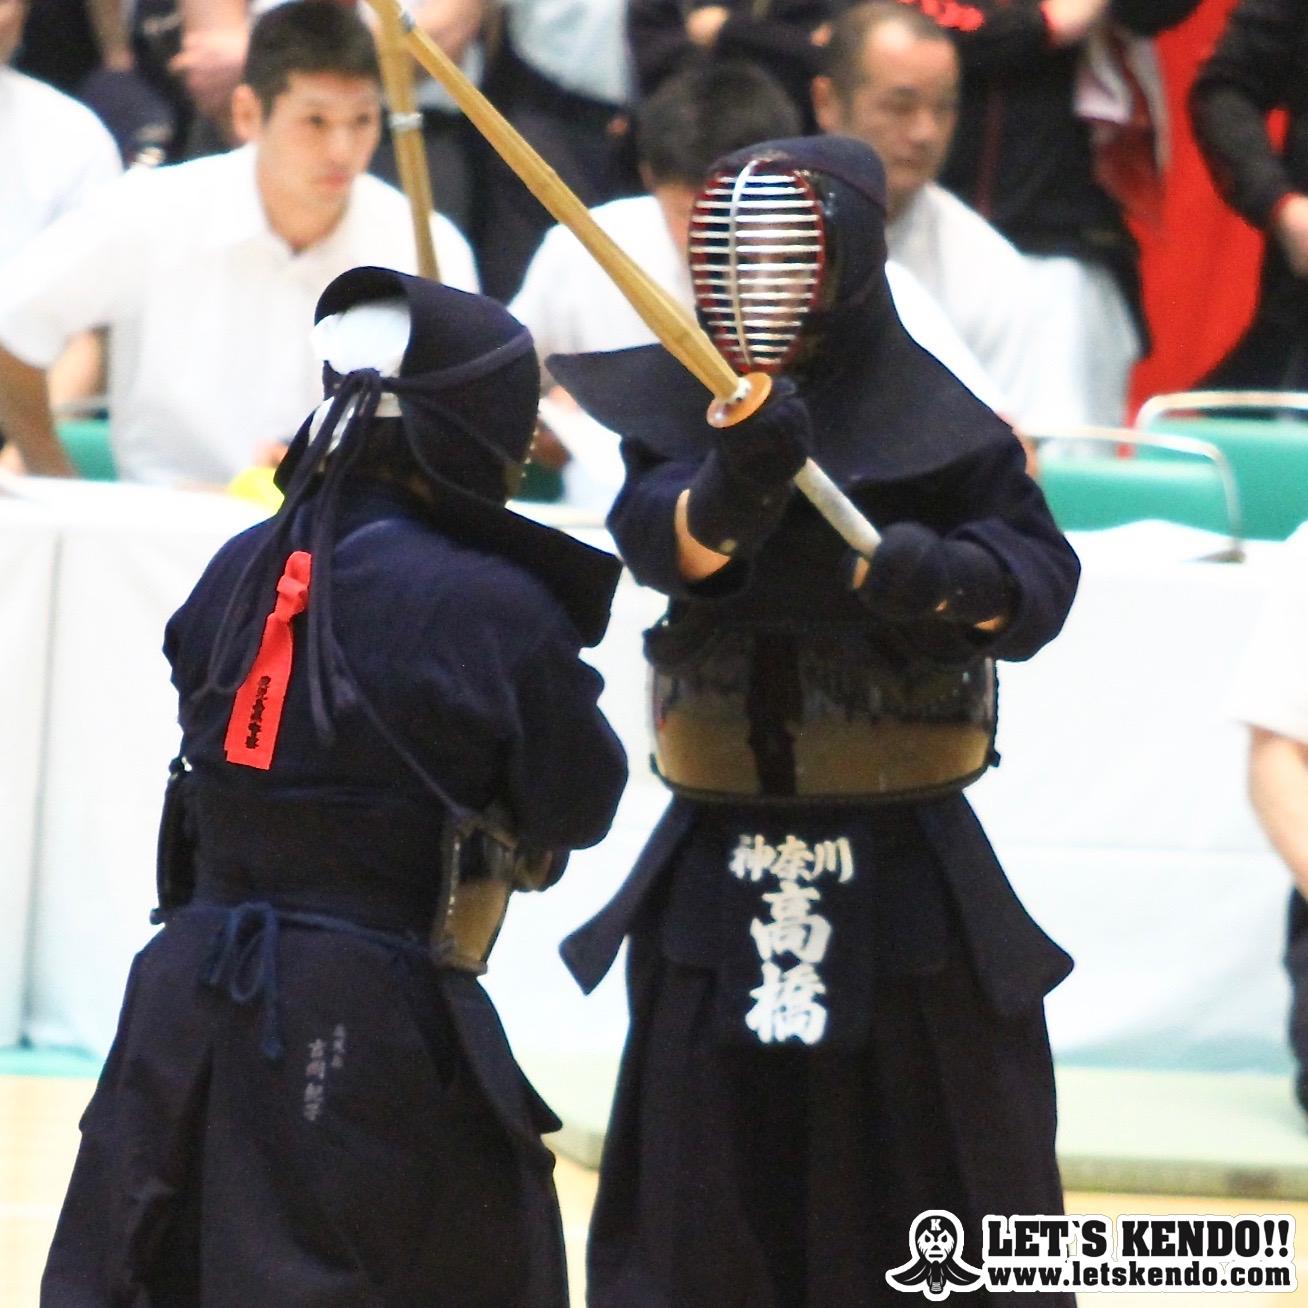 【大会結果】9/24 第56回全日本女子剣道選手権大会SPONSOR